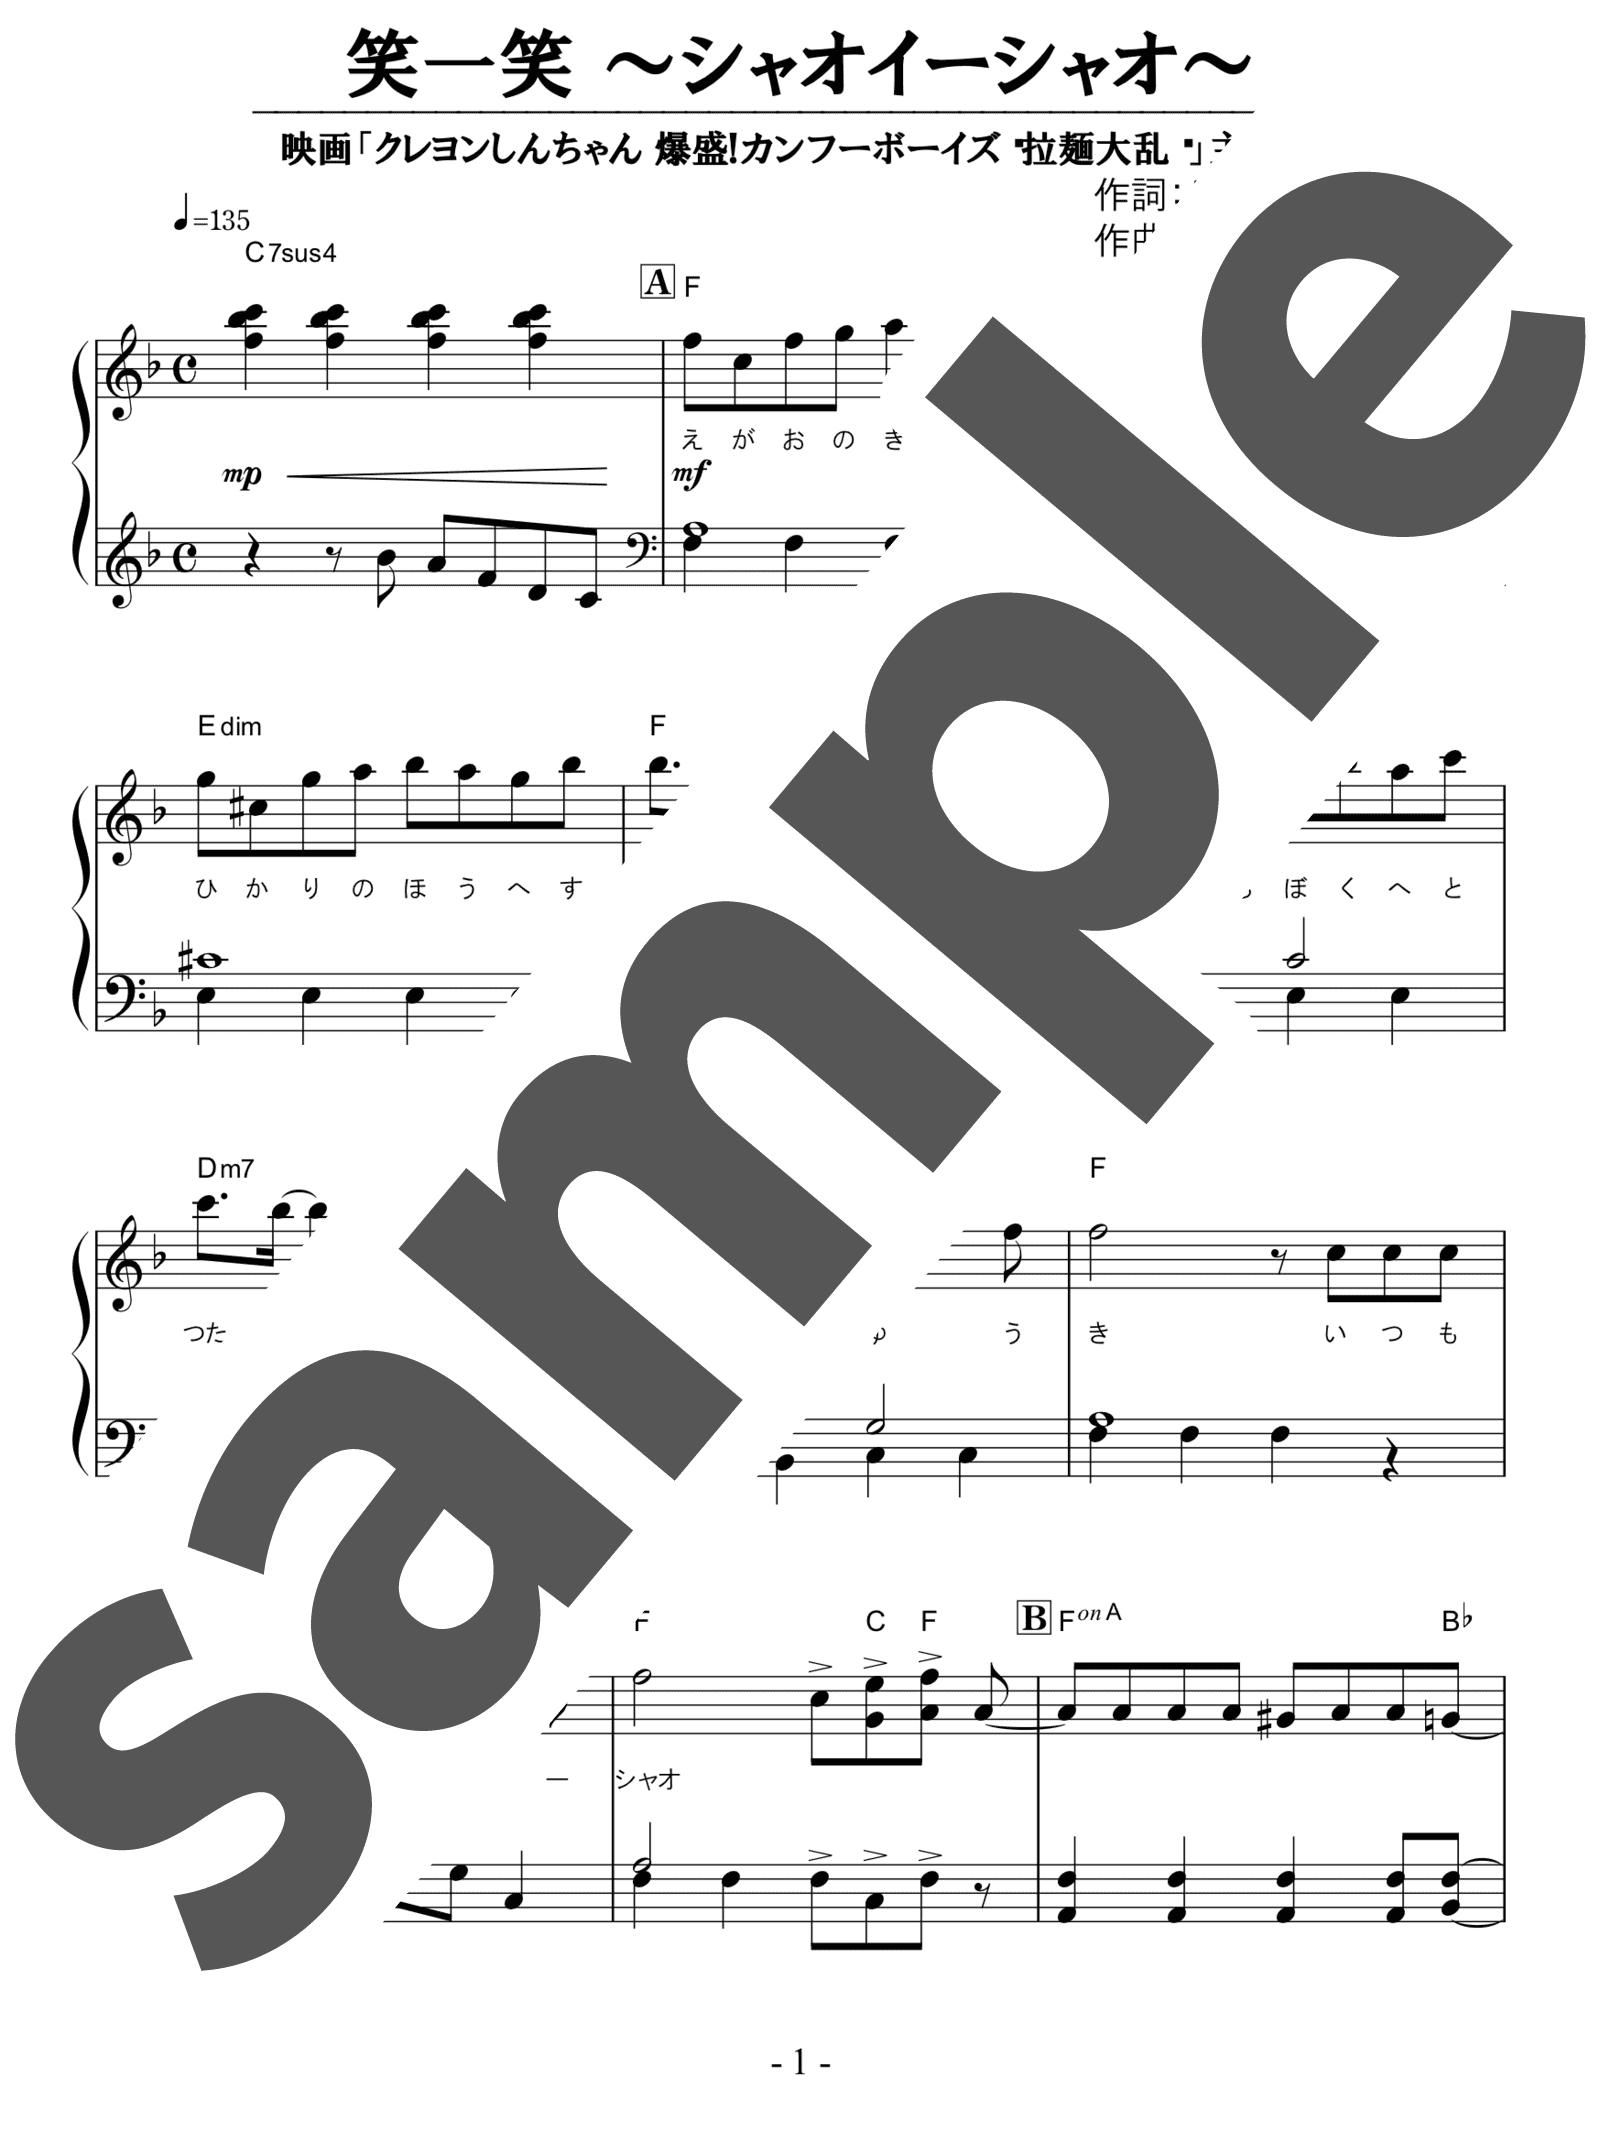 「笑一笑 ~シャオイーシャオ~」のサンプル楽譜